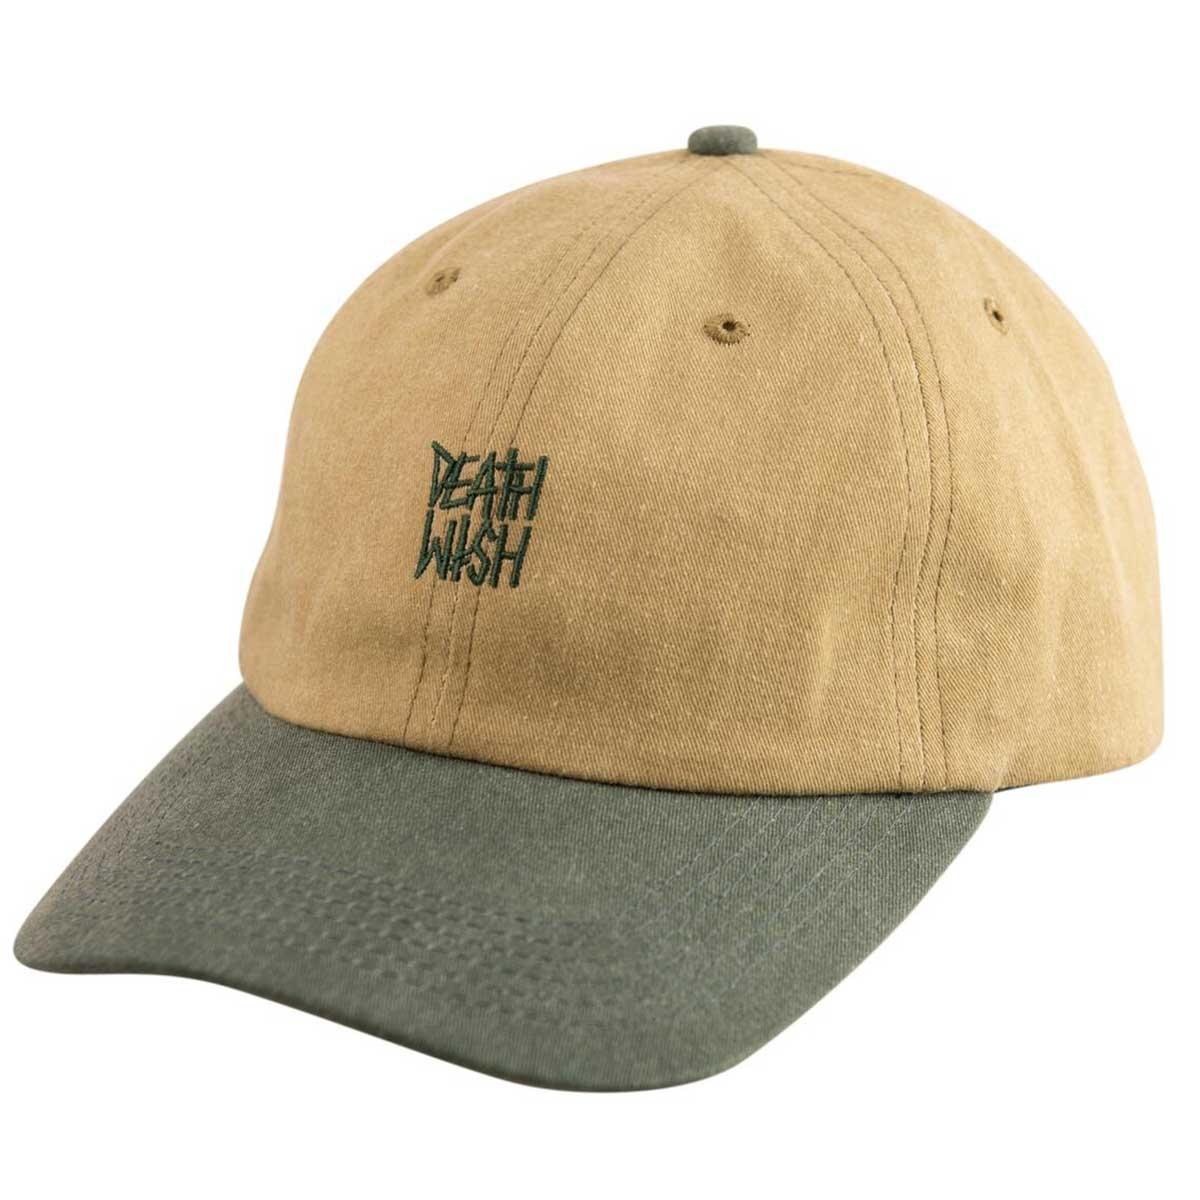 deathwish deathstack dad cap